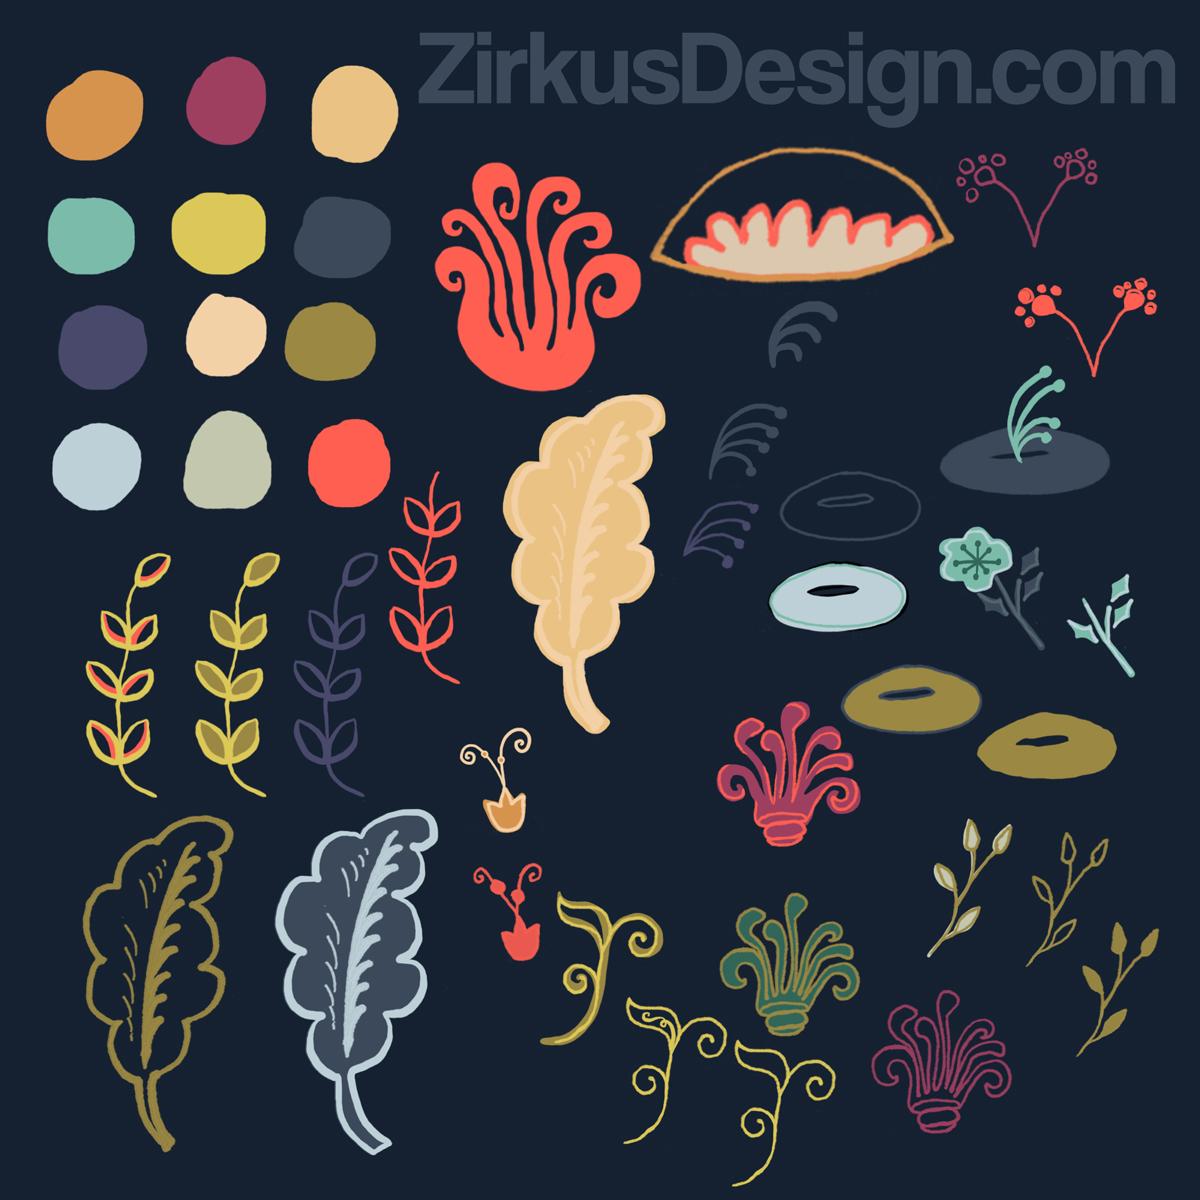 Zirkus Design | New Navy Vintage Floral Pattern - Design Process: Sketches + Color Palette